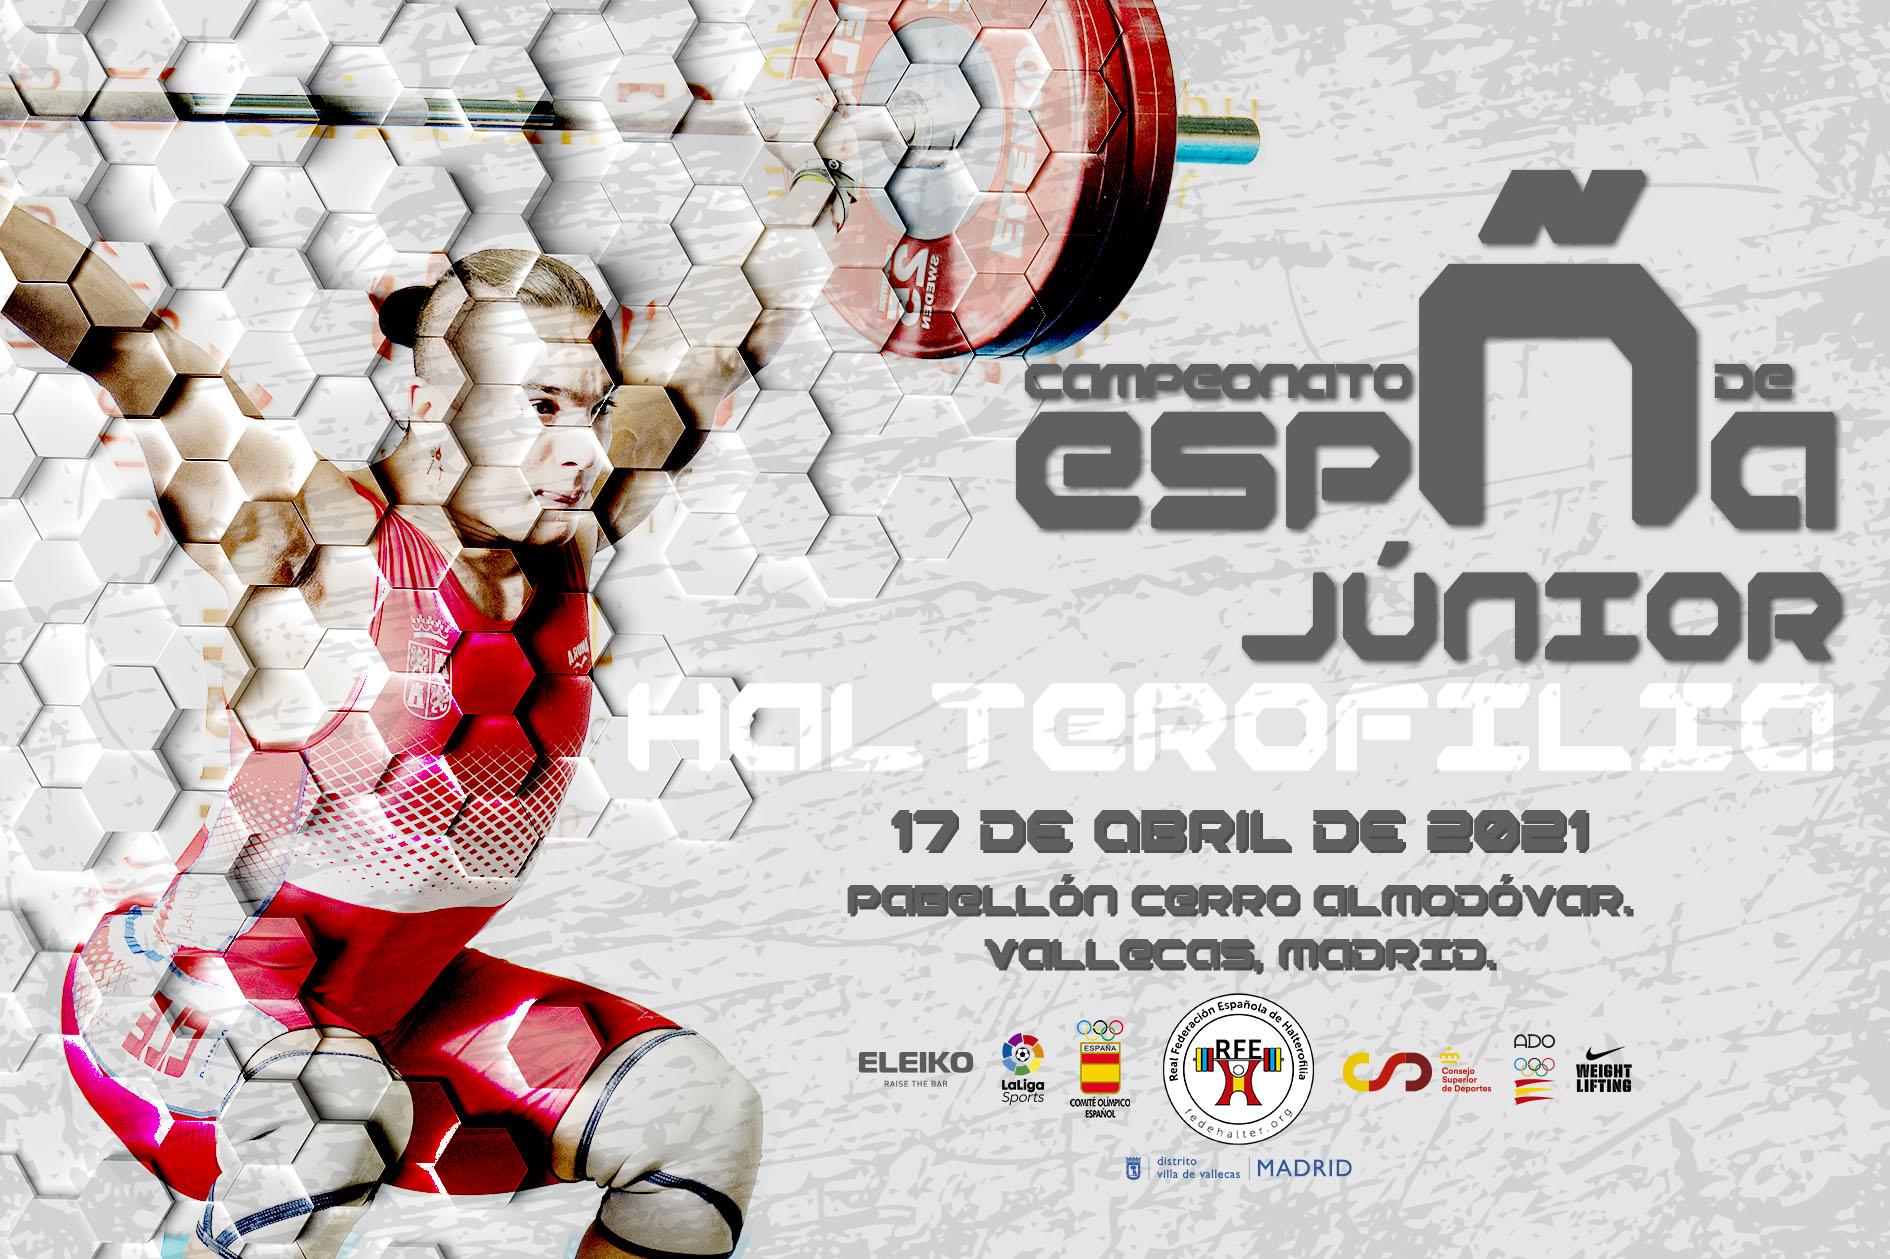 El Pabellón Municipal Cerro Almodóvar, Vallecas, Madrid, será la sede del Campeonato de España Júnior 2021.